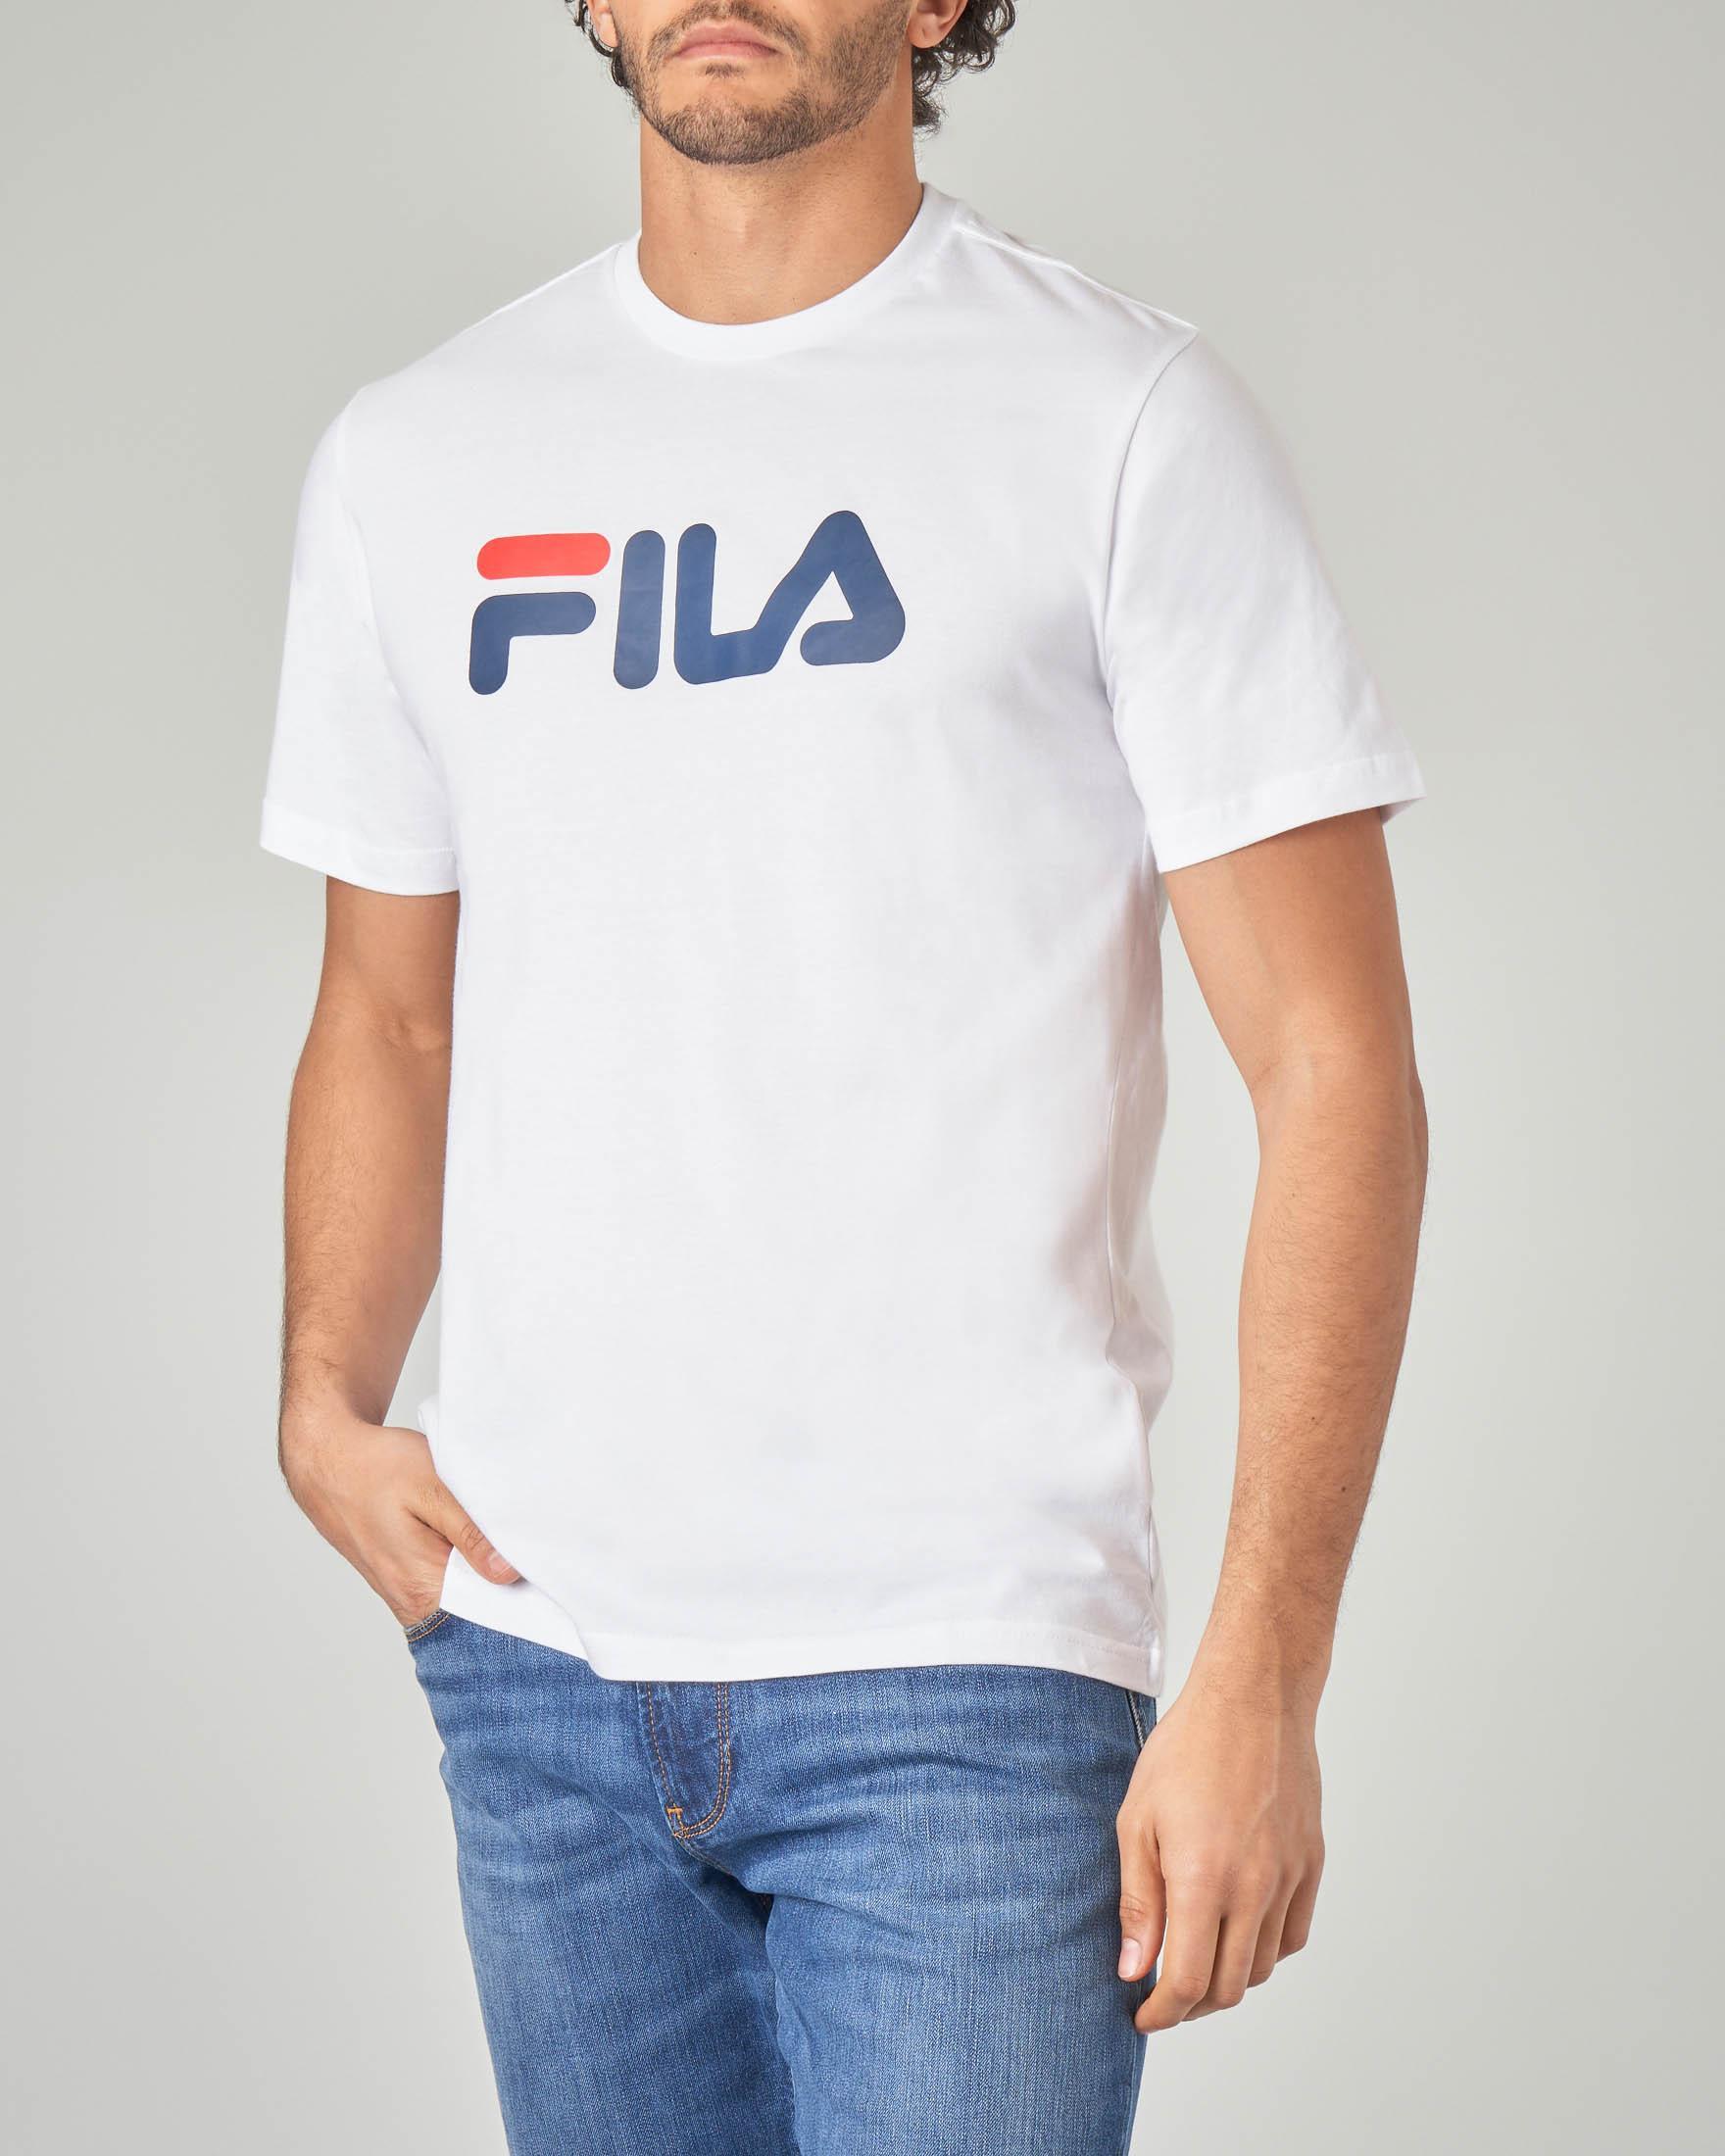 T-shirt bianca con logo Fila